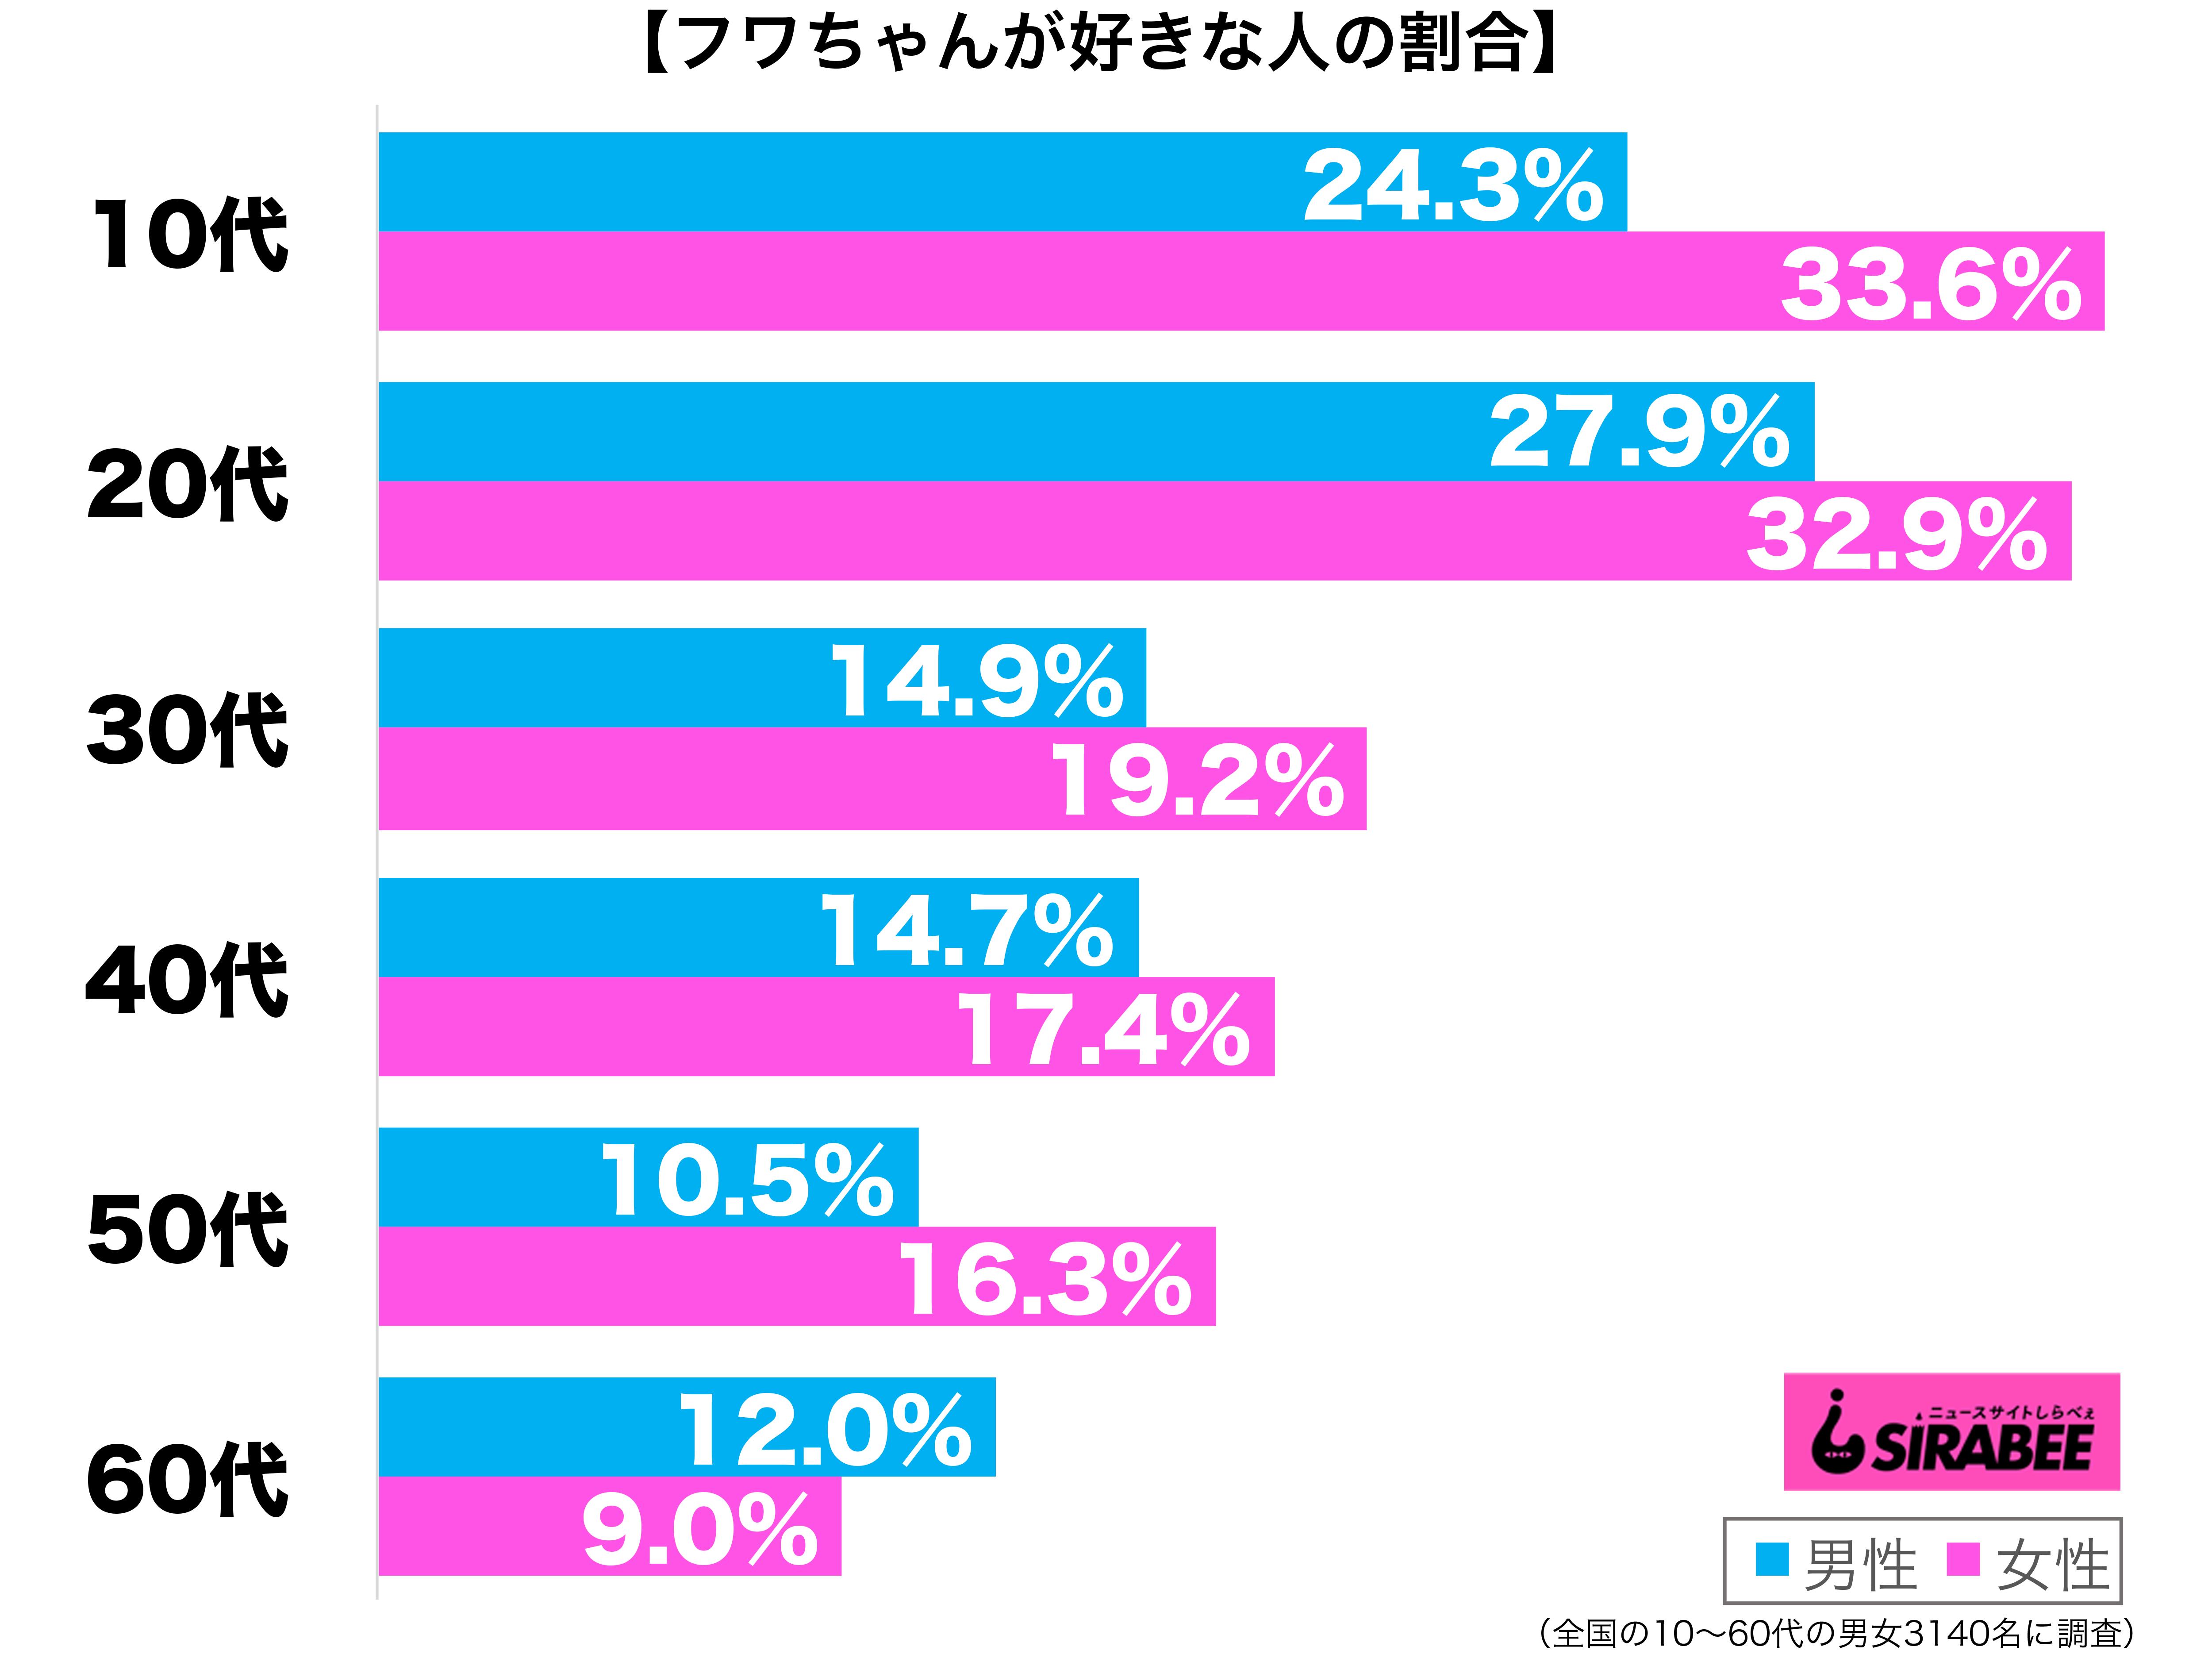 フワちゃんが好き性年代別グラフ